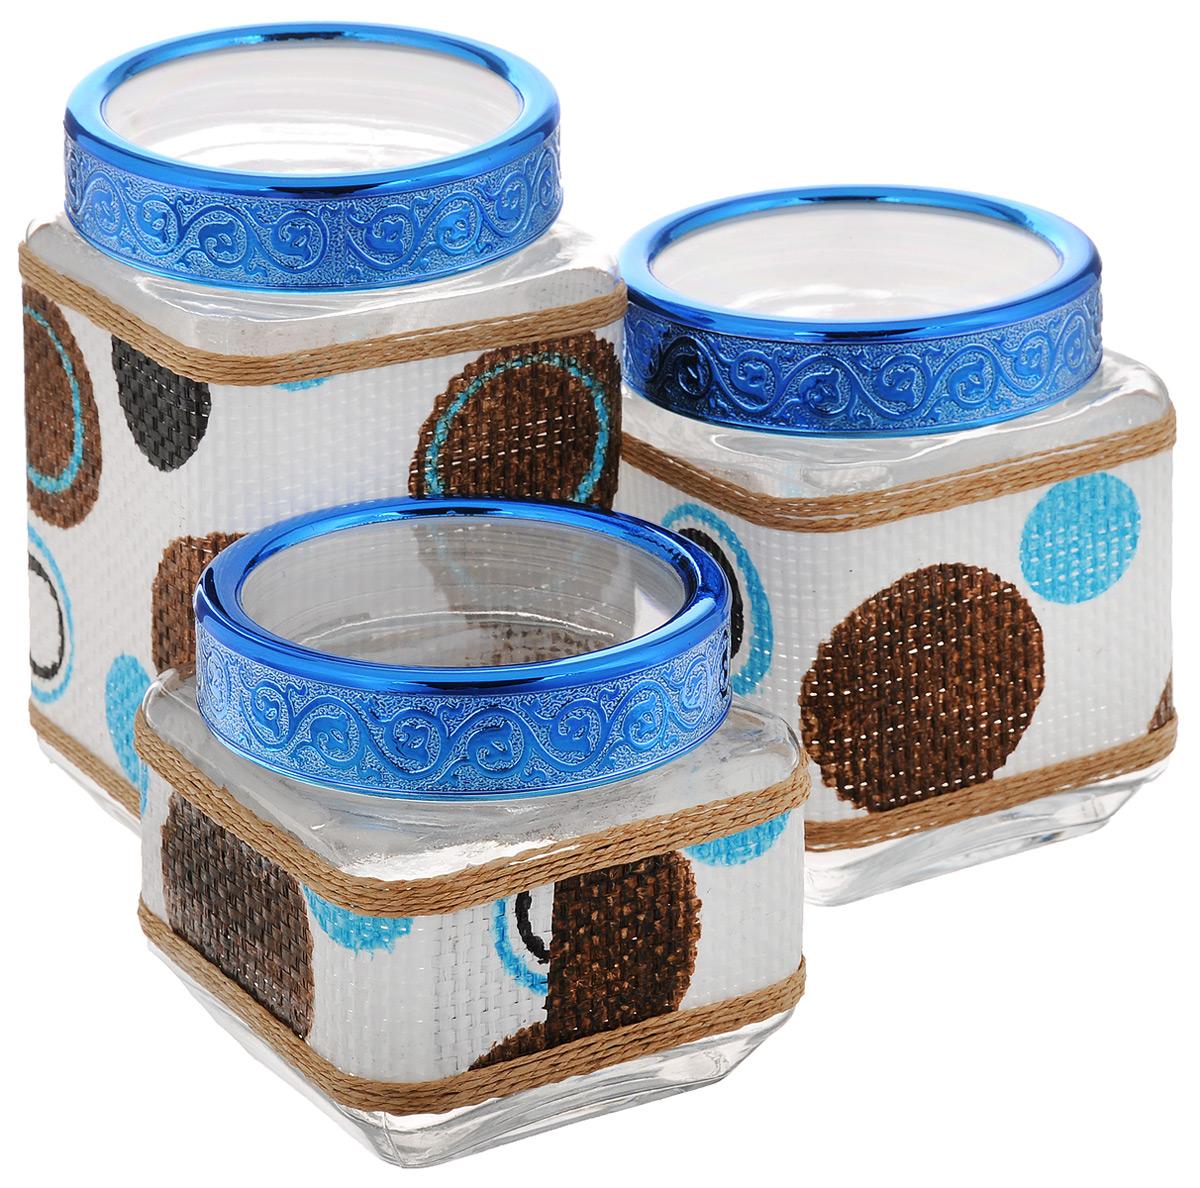 Набор банок для сыпучих продуктов Mayer & Boch, 3 шт. 25510 набор банок для сыпучих продуктов прованс из 4 х шт 1145180